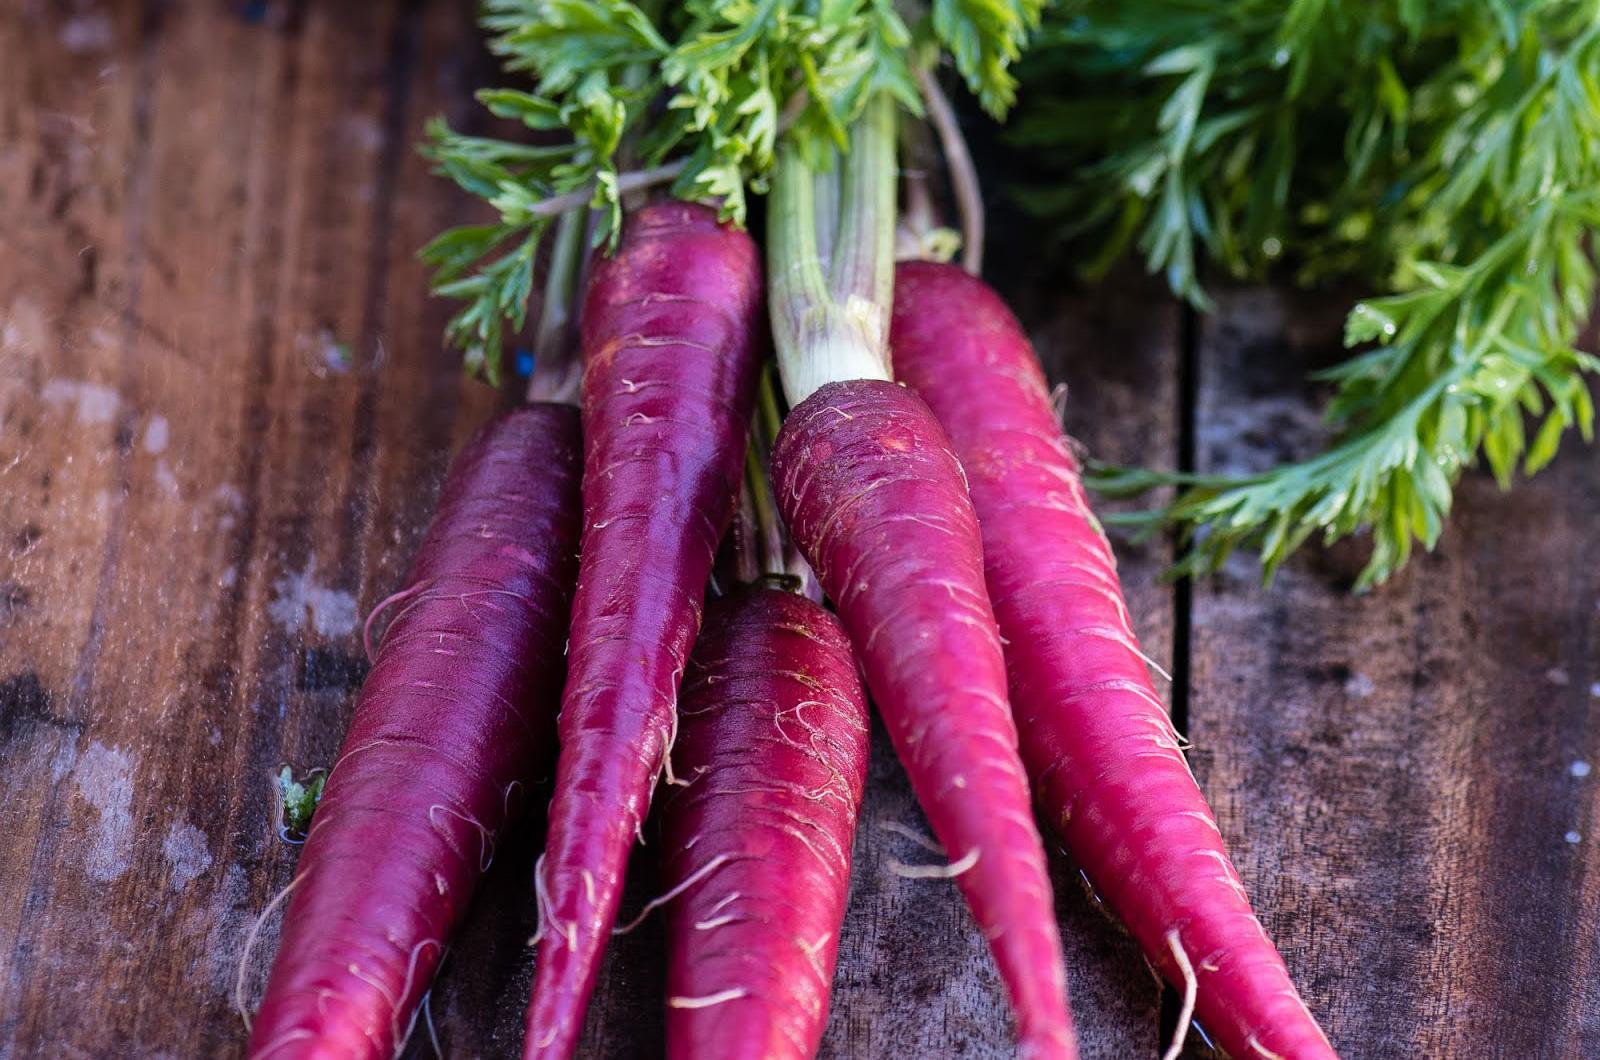 5 loại thực phẩm màu tím được ưa chuộng trên thế giới bởi chứa hàm lượng dinh dưỡng cực cao - Ảnh 5.